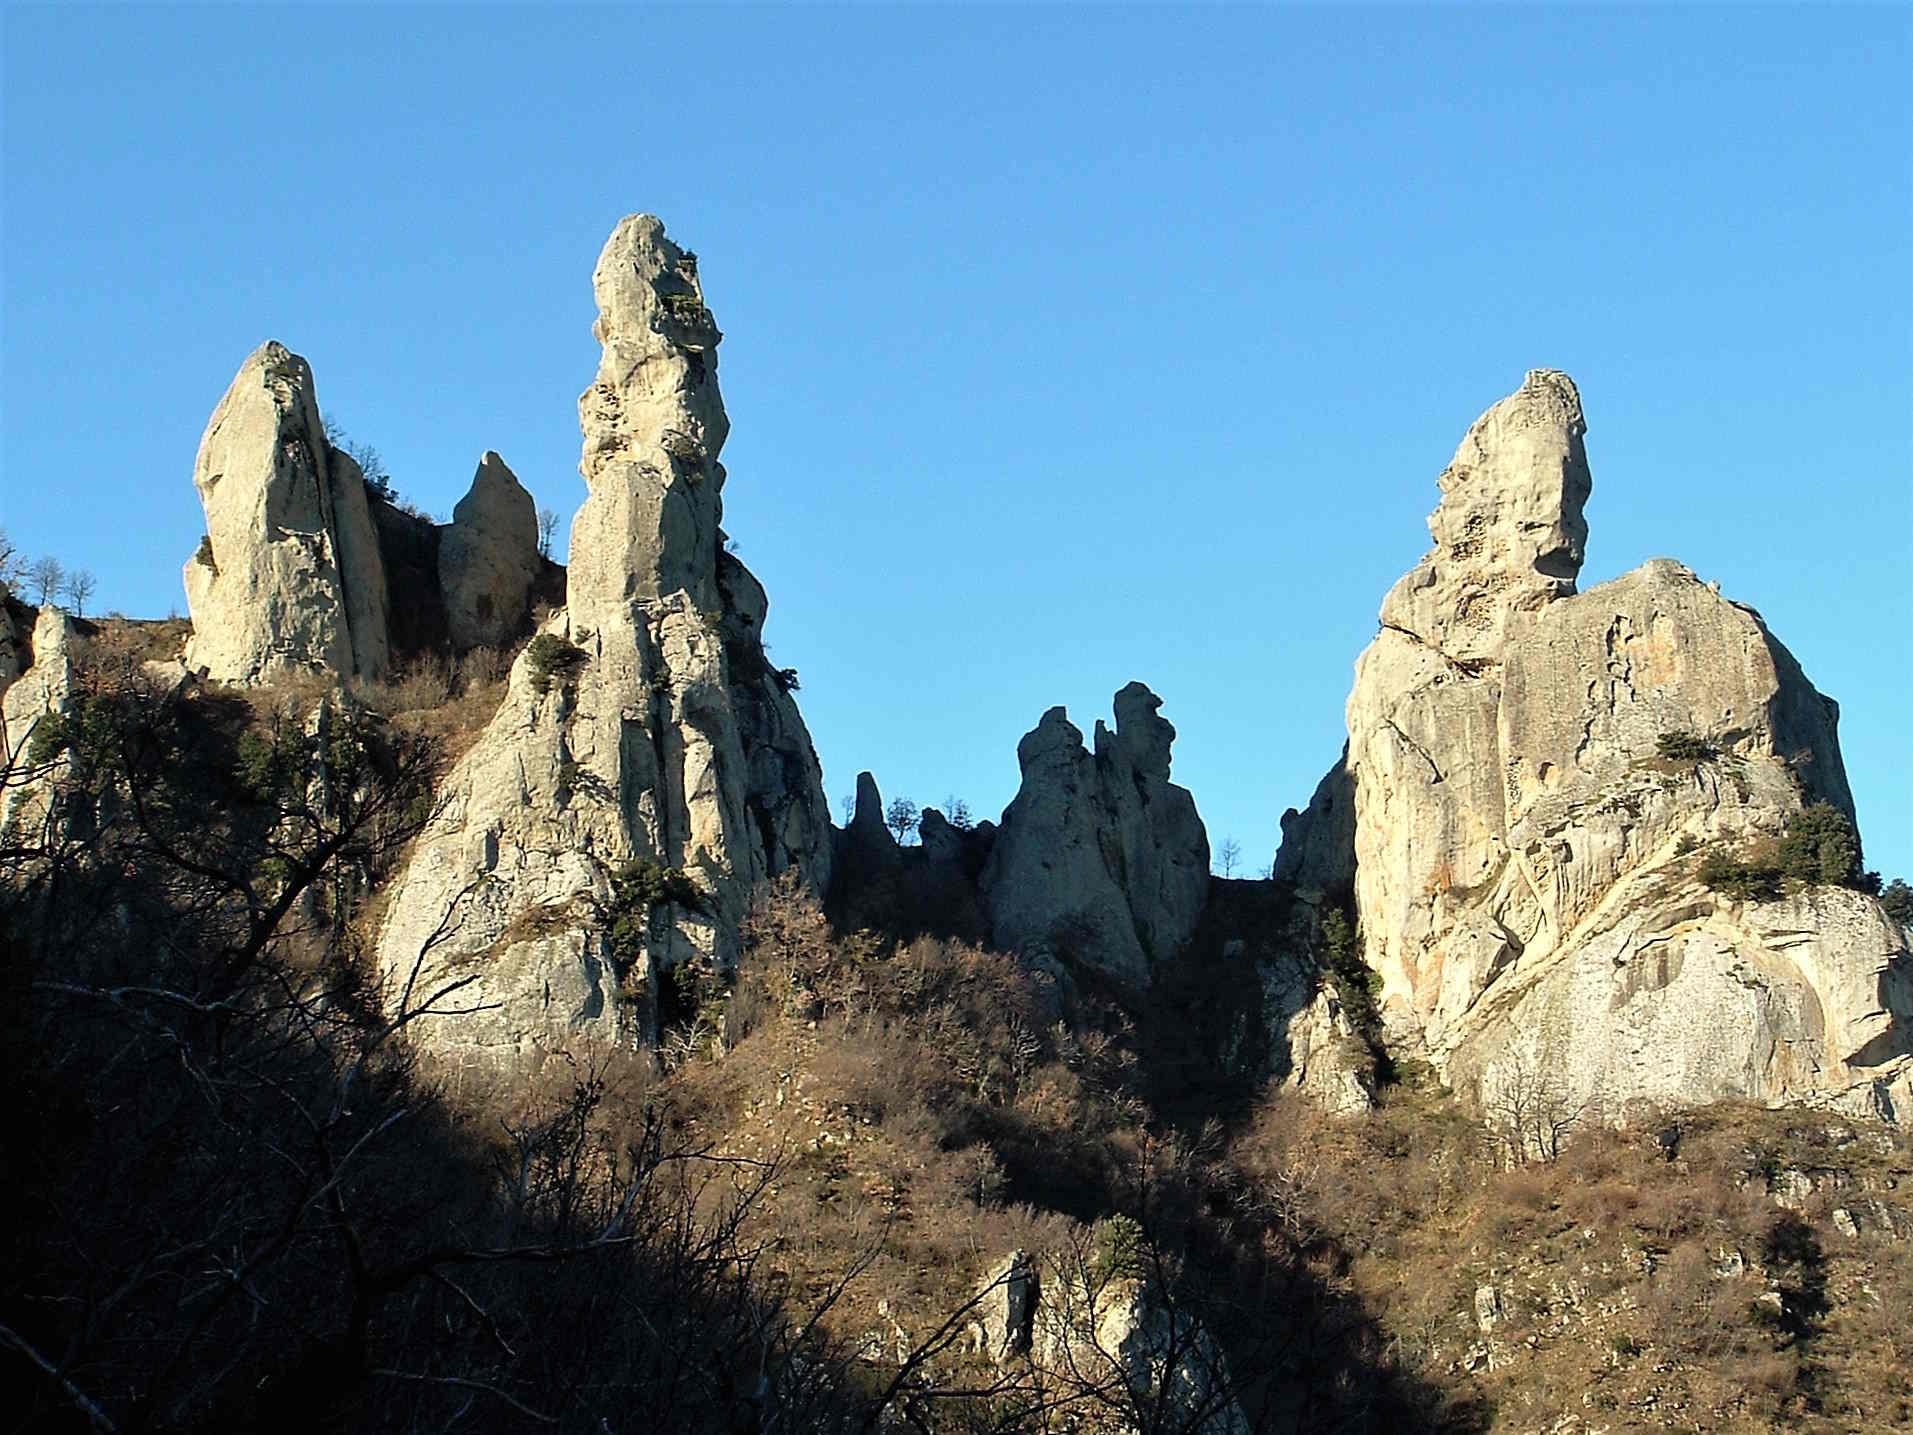 le piccole Dolomiti Lucane luoghi da visitare e vedere in Basilicata